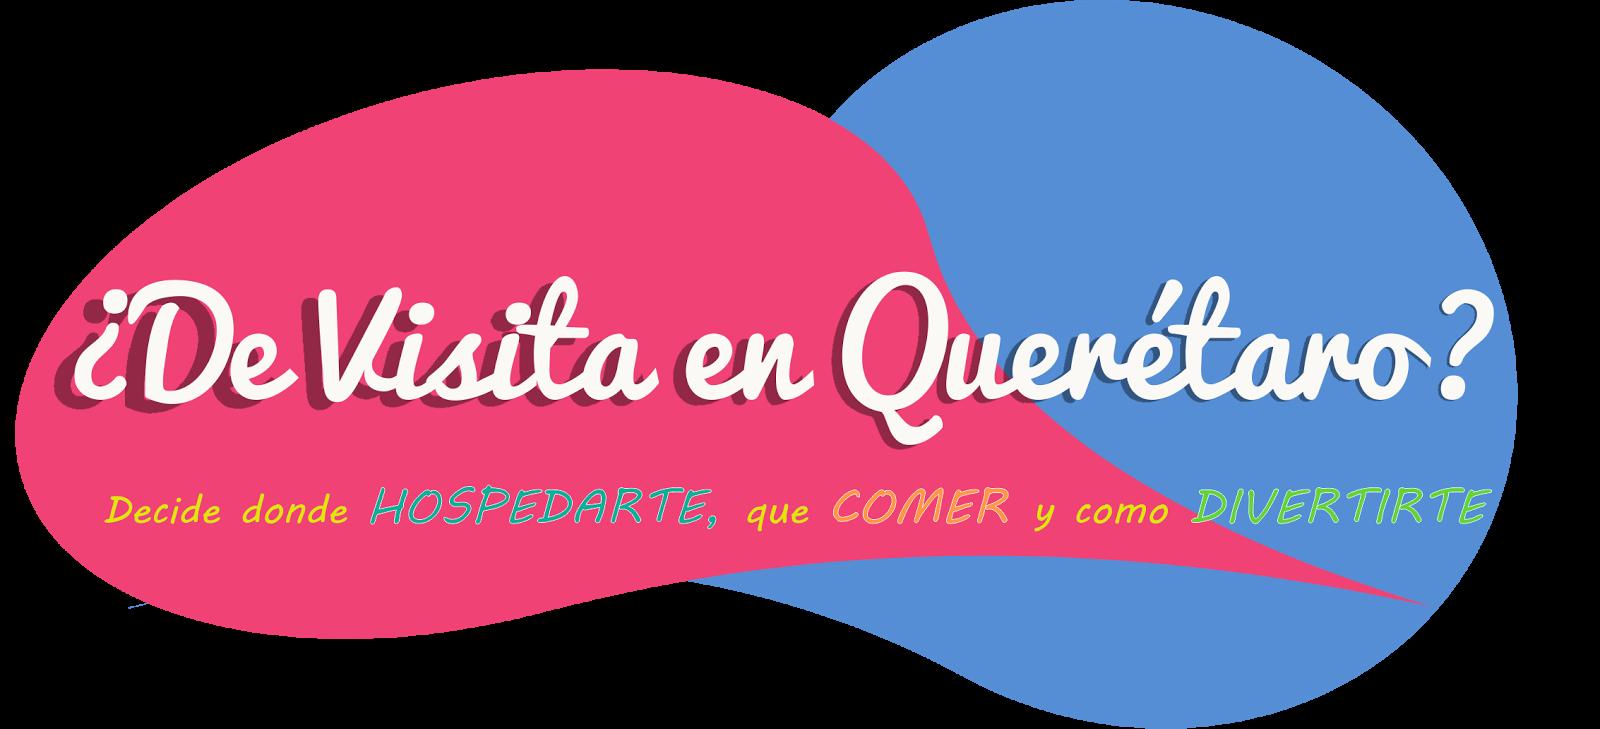 ¿De visita en Querétaro?